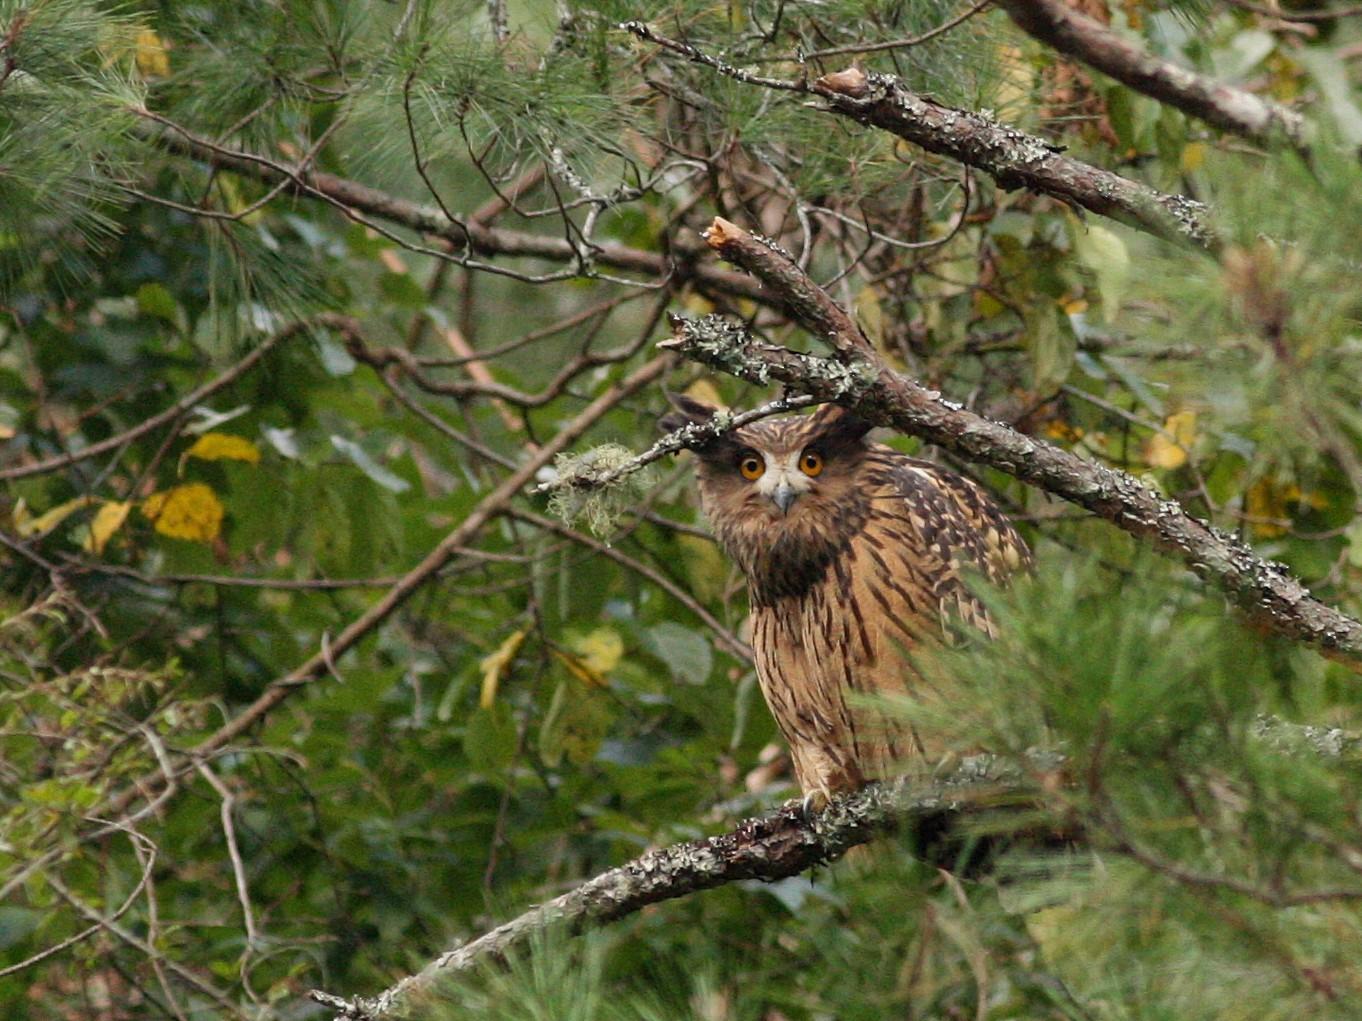 Tawny Fish-Owl - Chien-wei Tseng